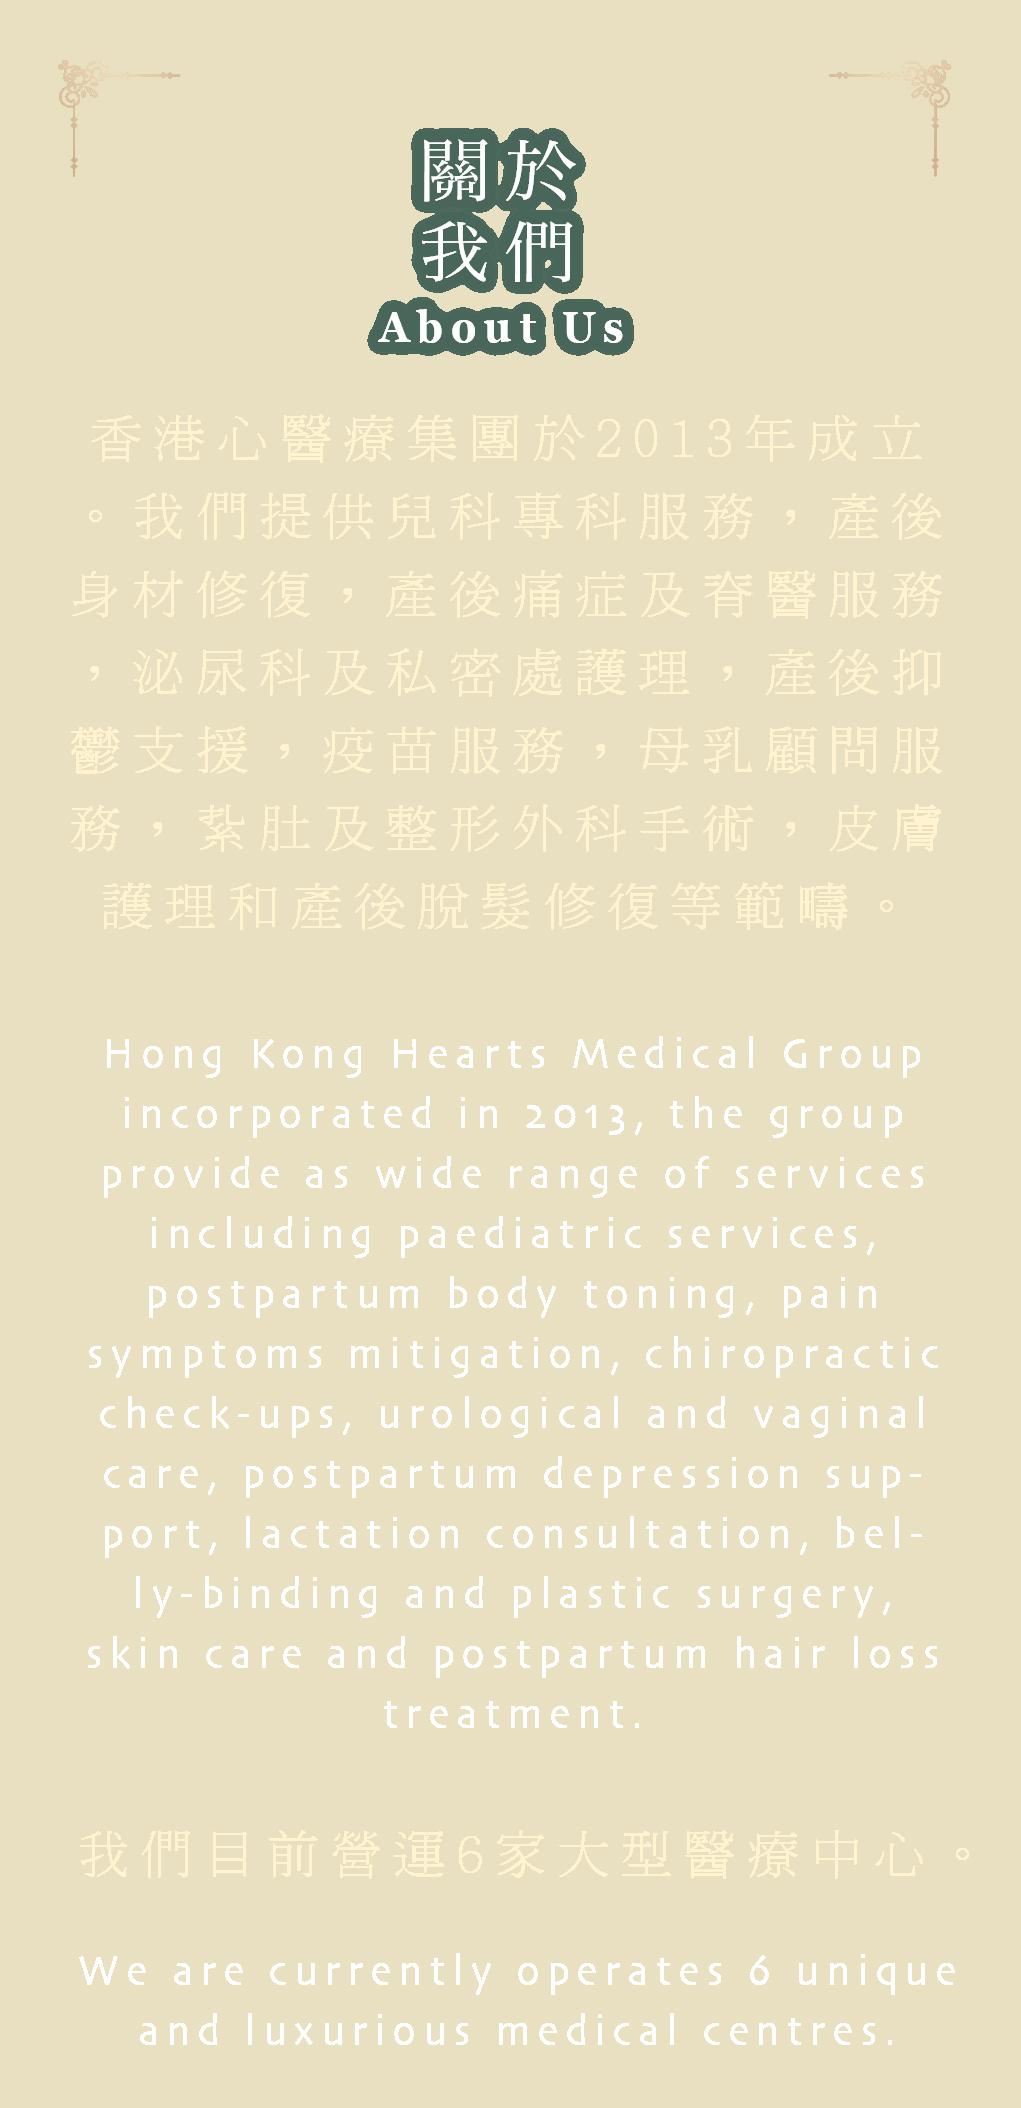 主頁 HKhearts homepage 16 1